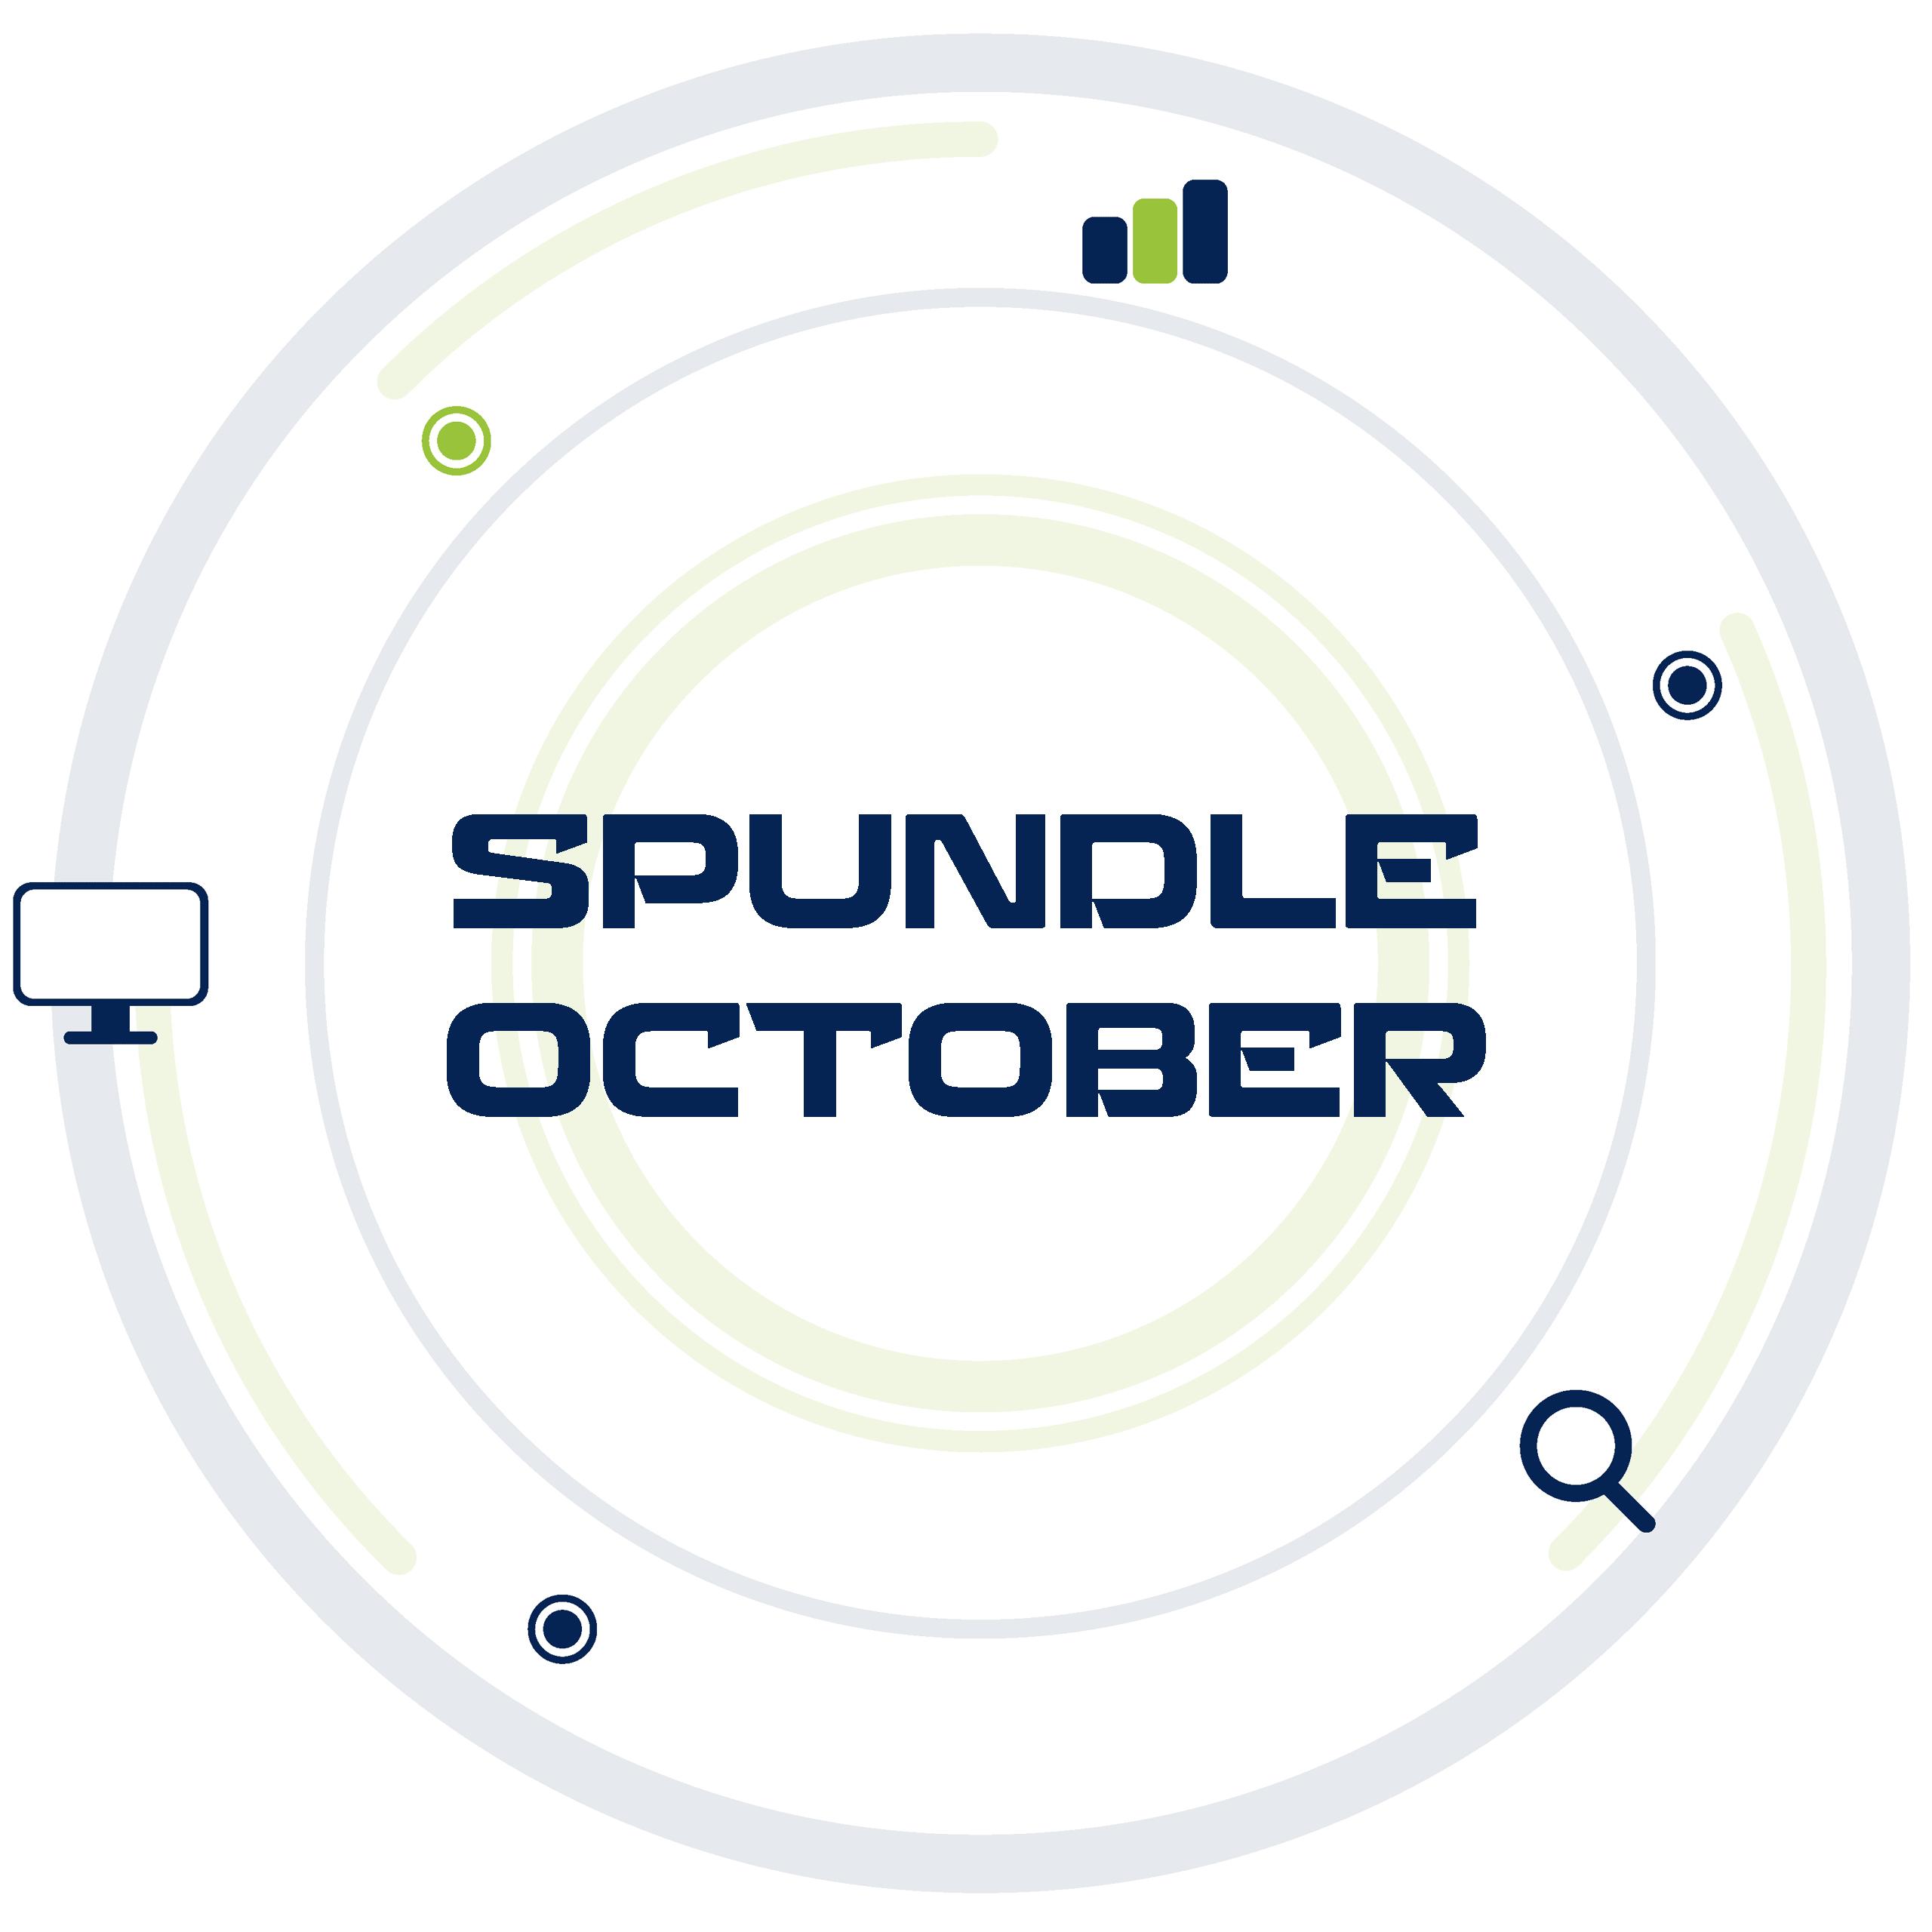 SPUNDLE Update – October 2020 image